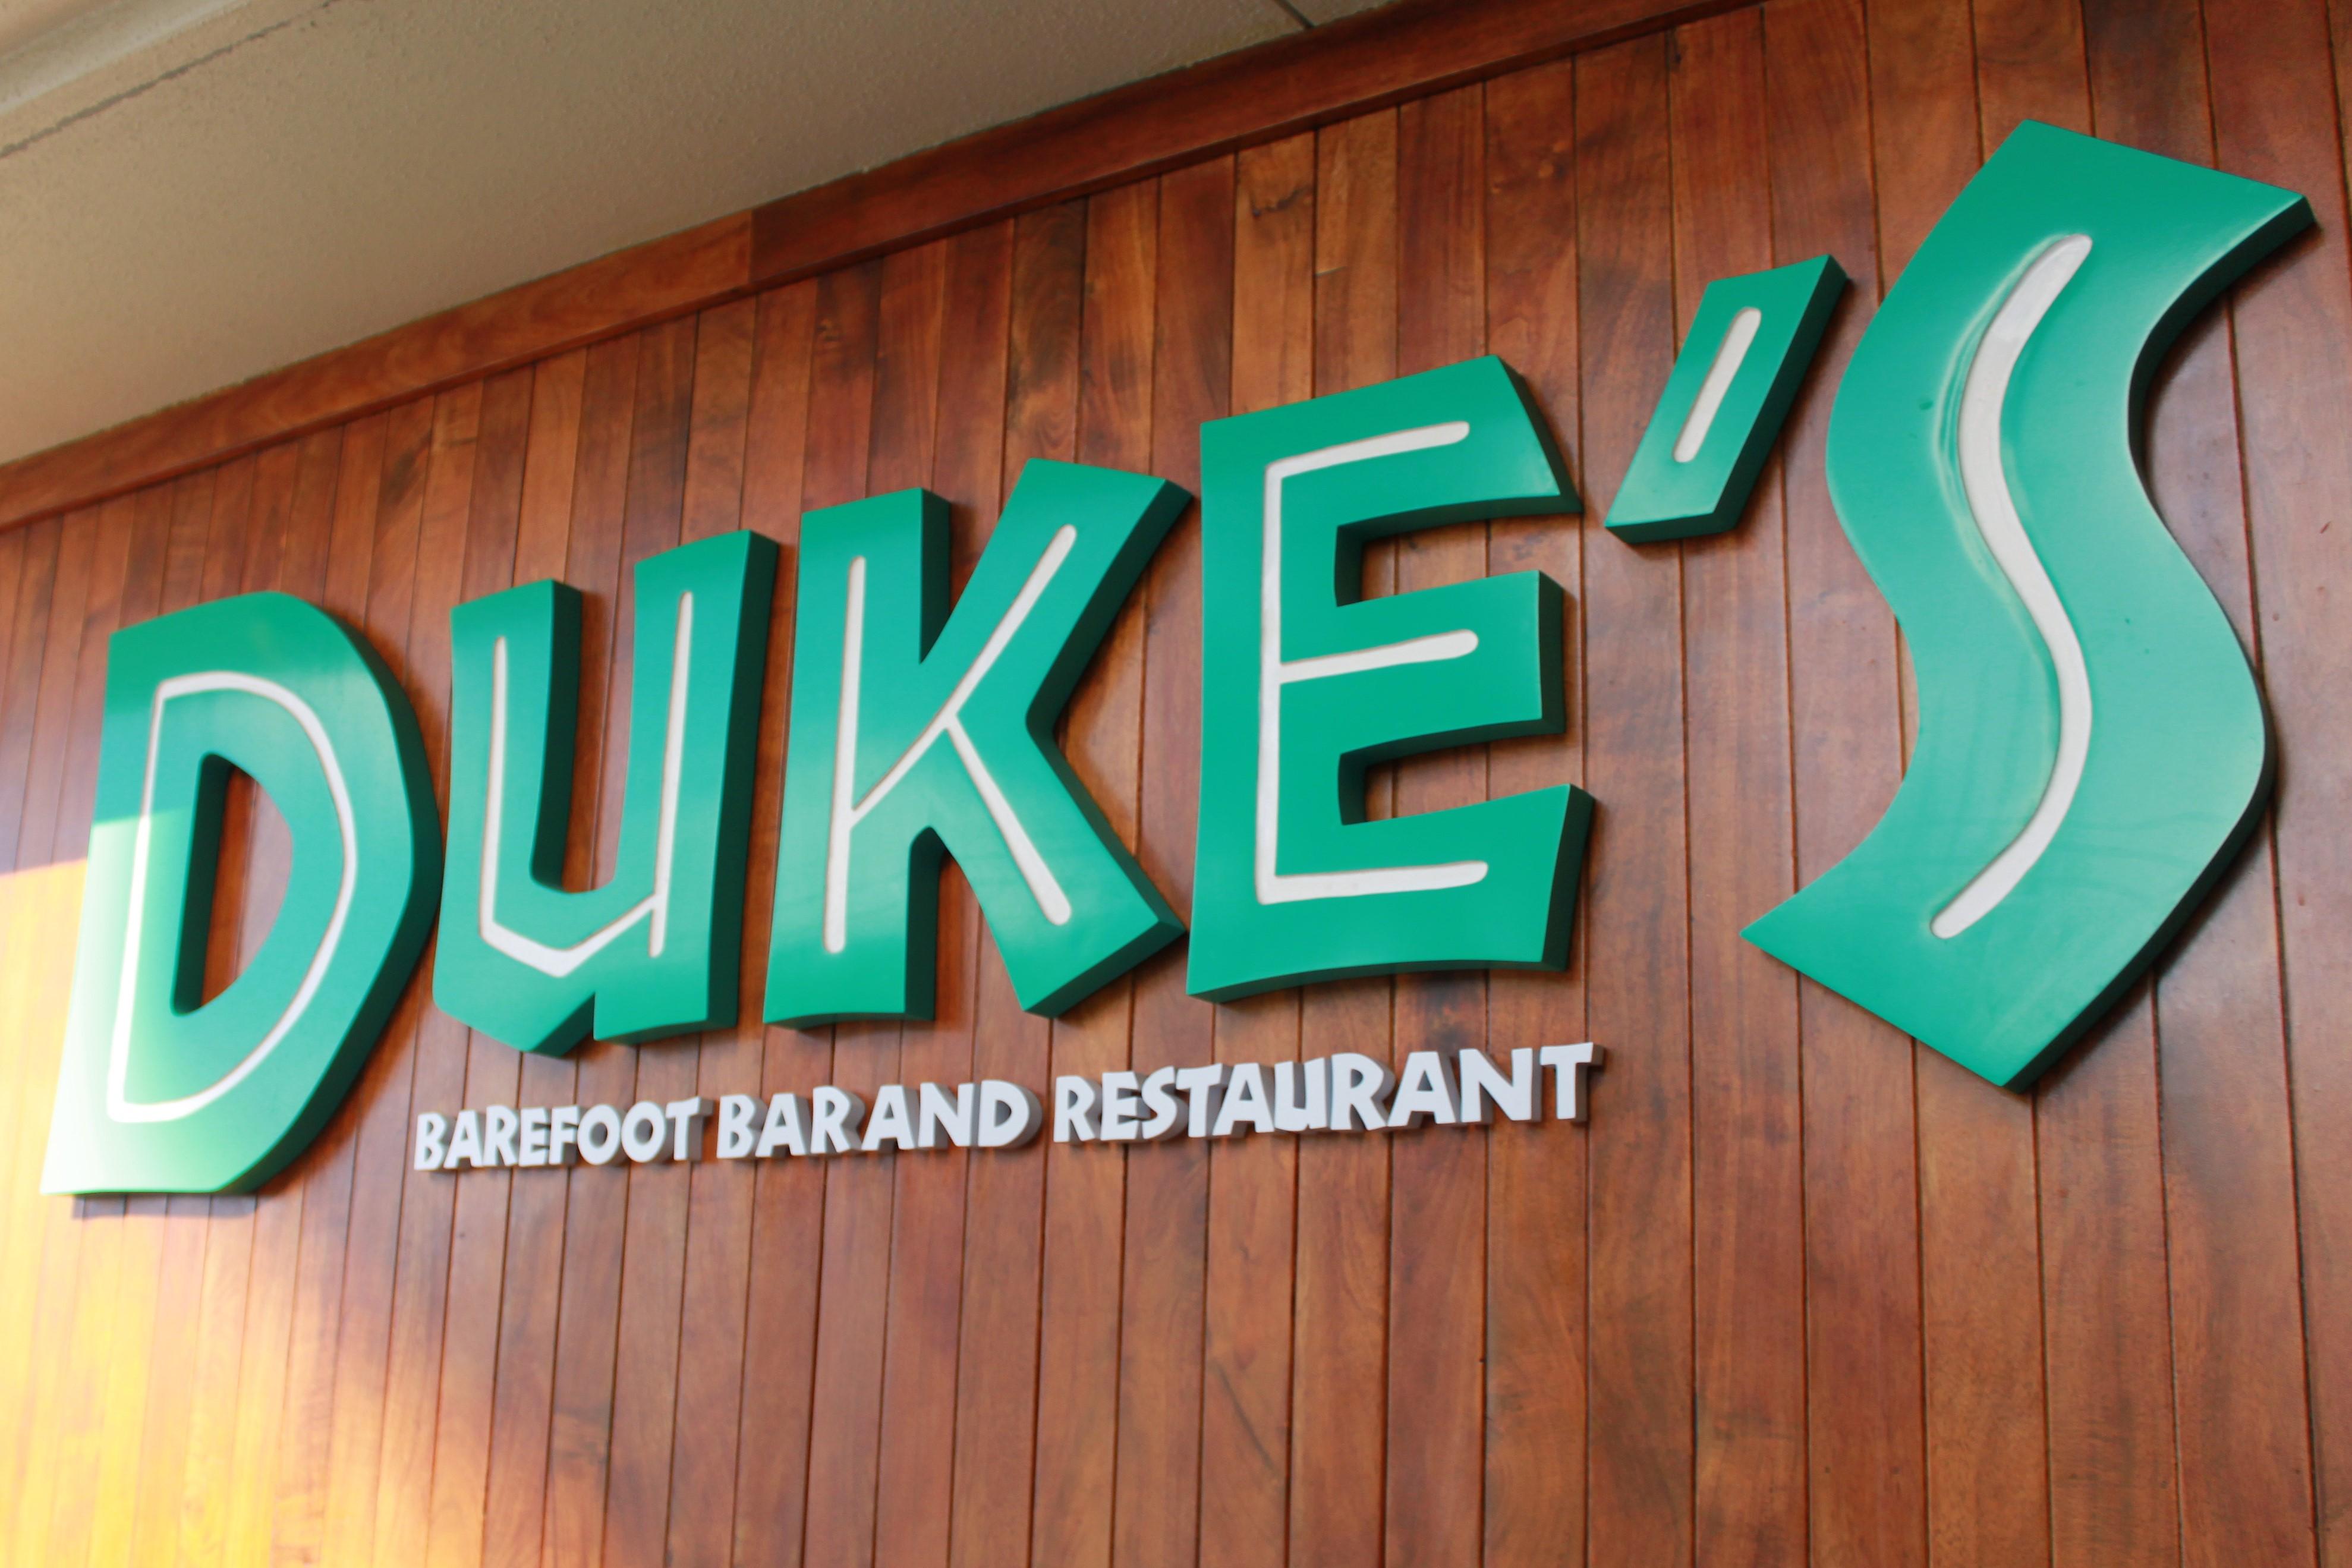 Dukes Barefoot Bar and Restaurant Waikiki